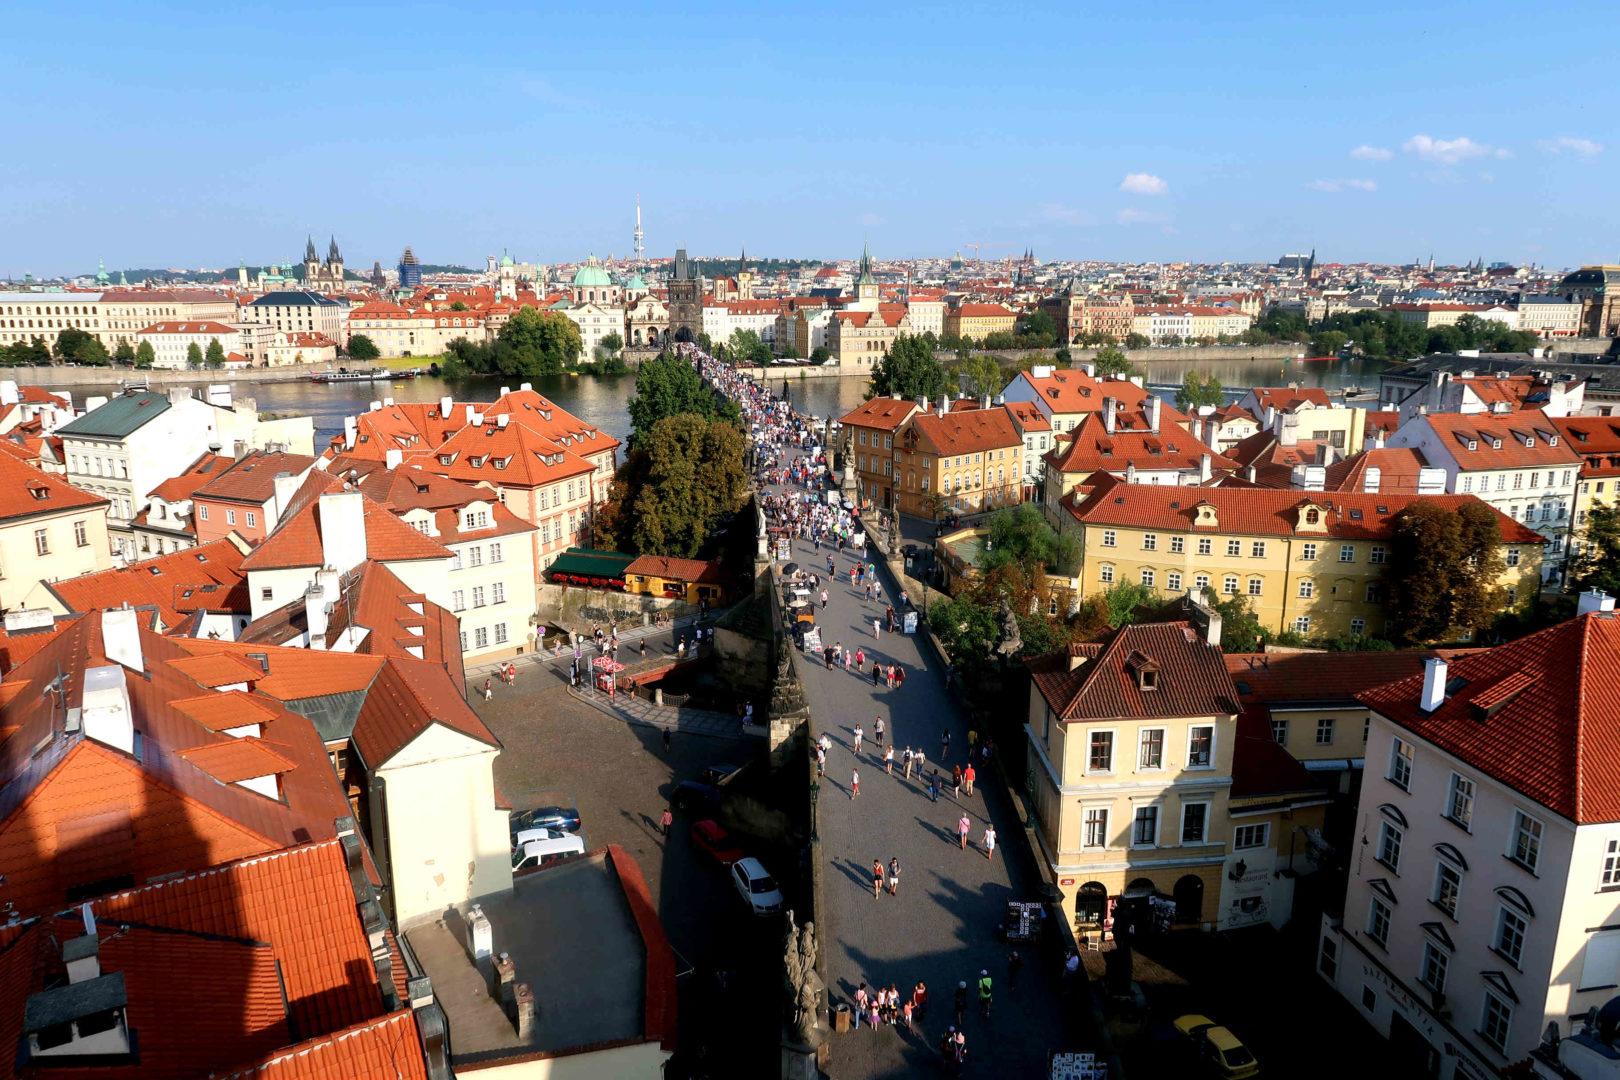 Día 1: Visitamos el castillo de Karlstejn y llegada a la ciudad de Praga